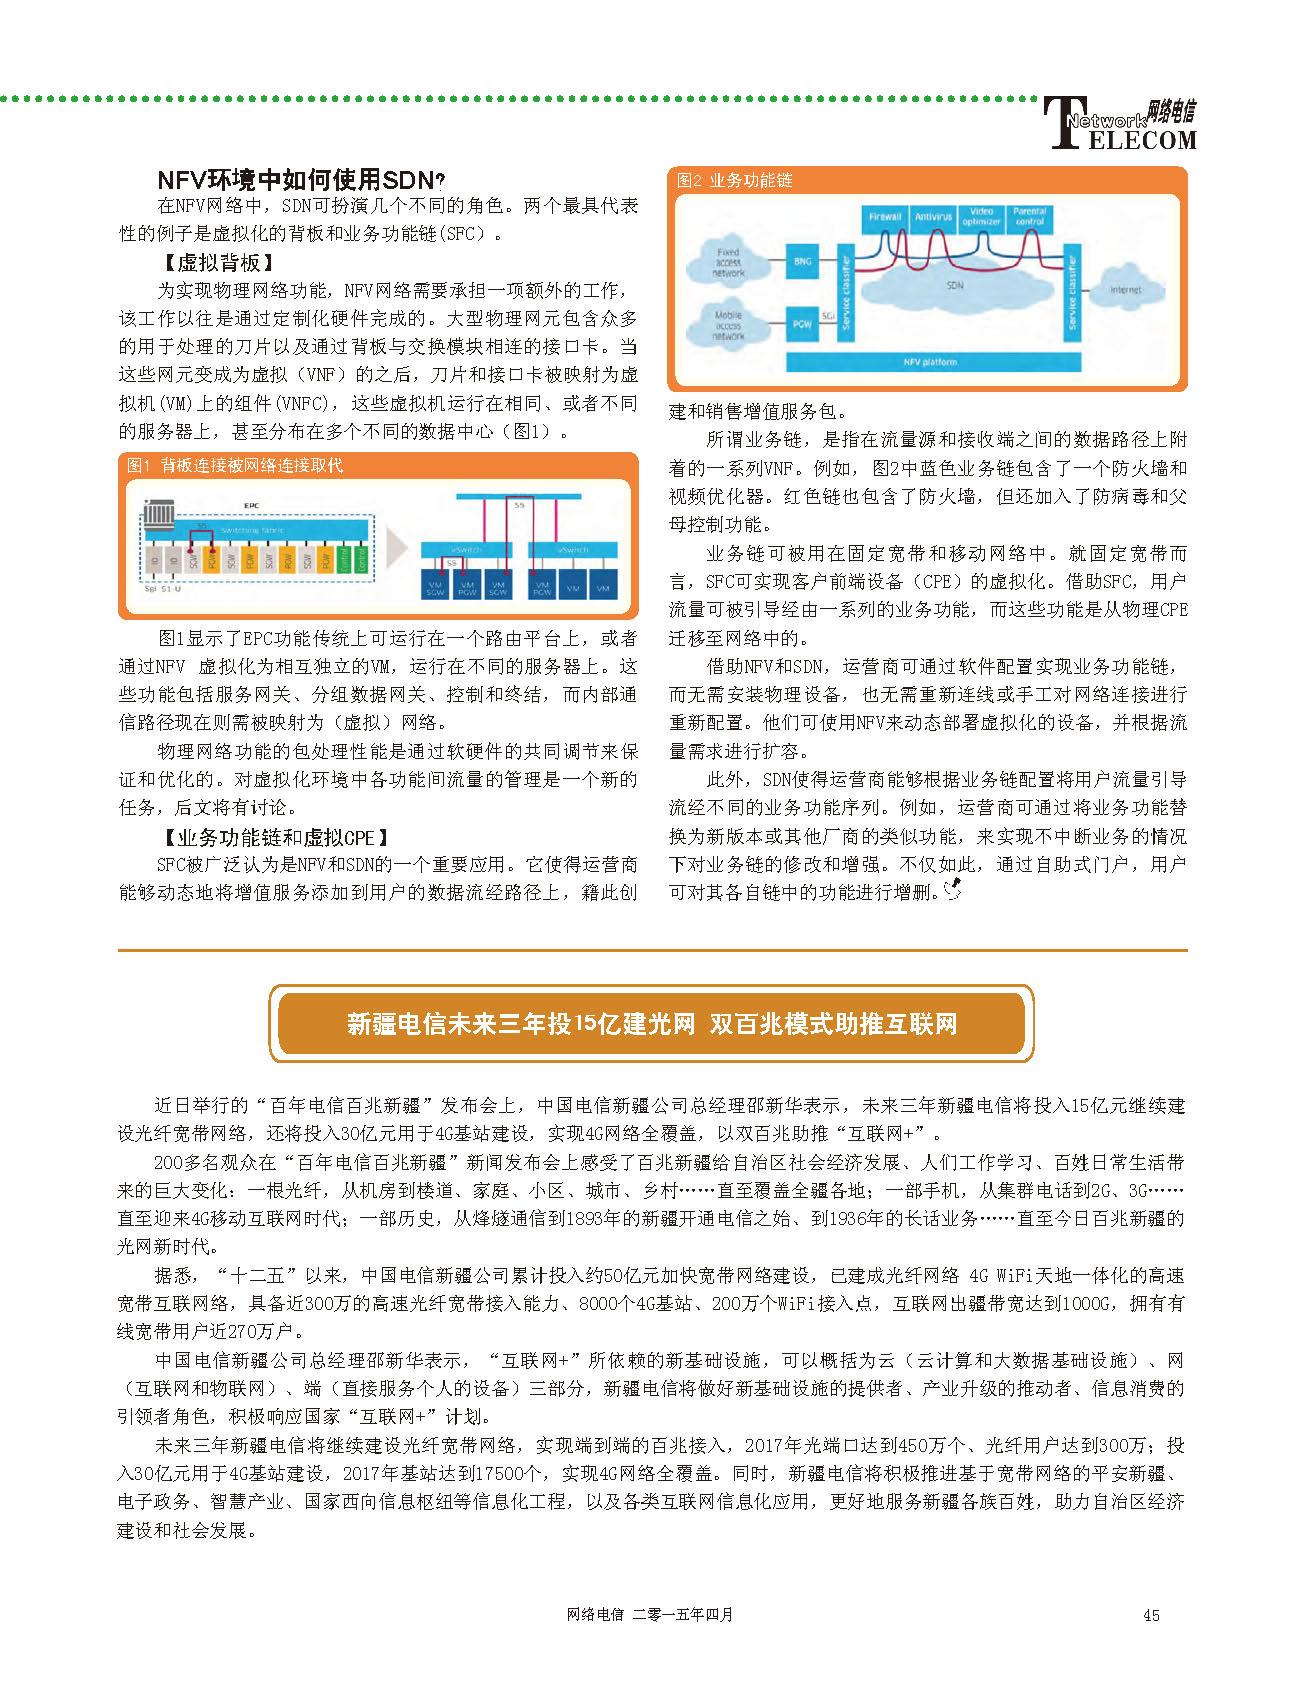 电信2015-04_页面_45.jpg